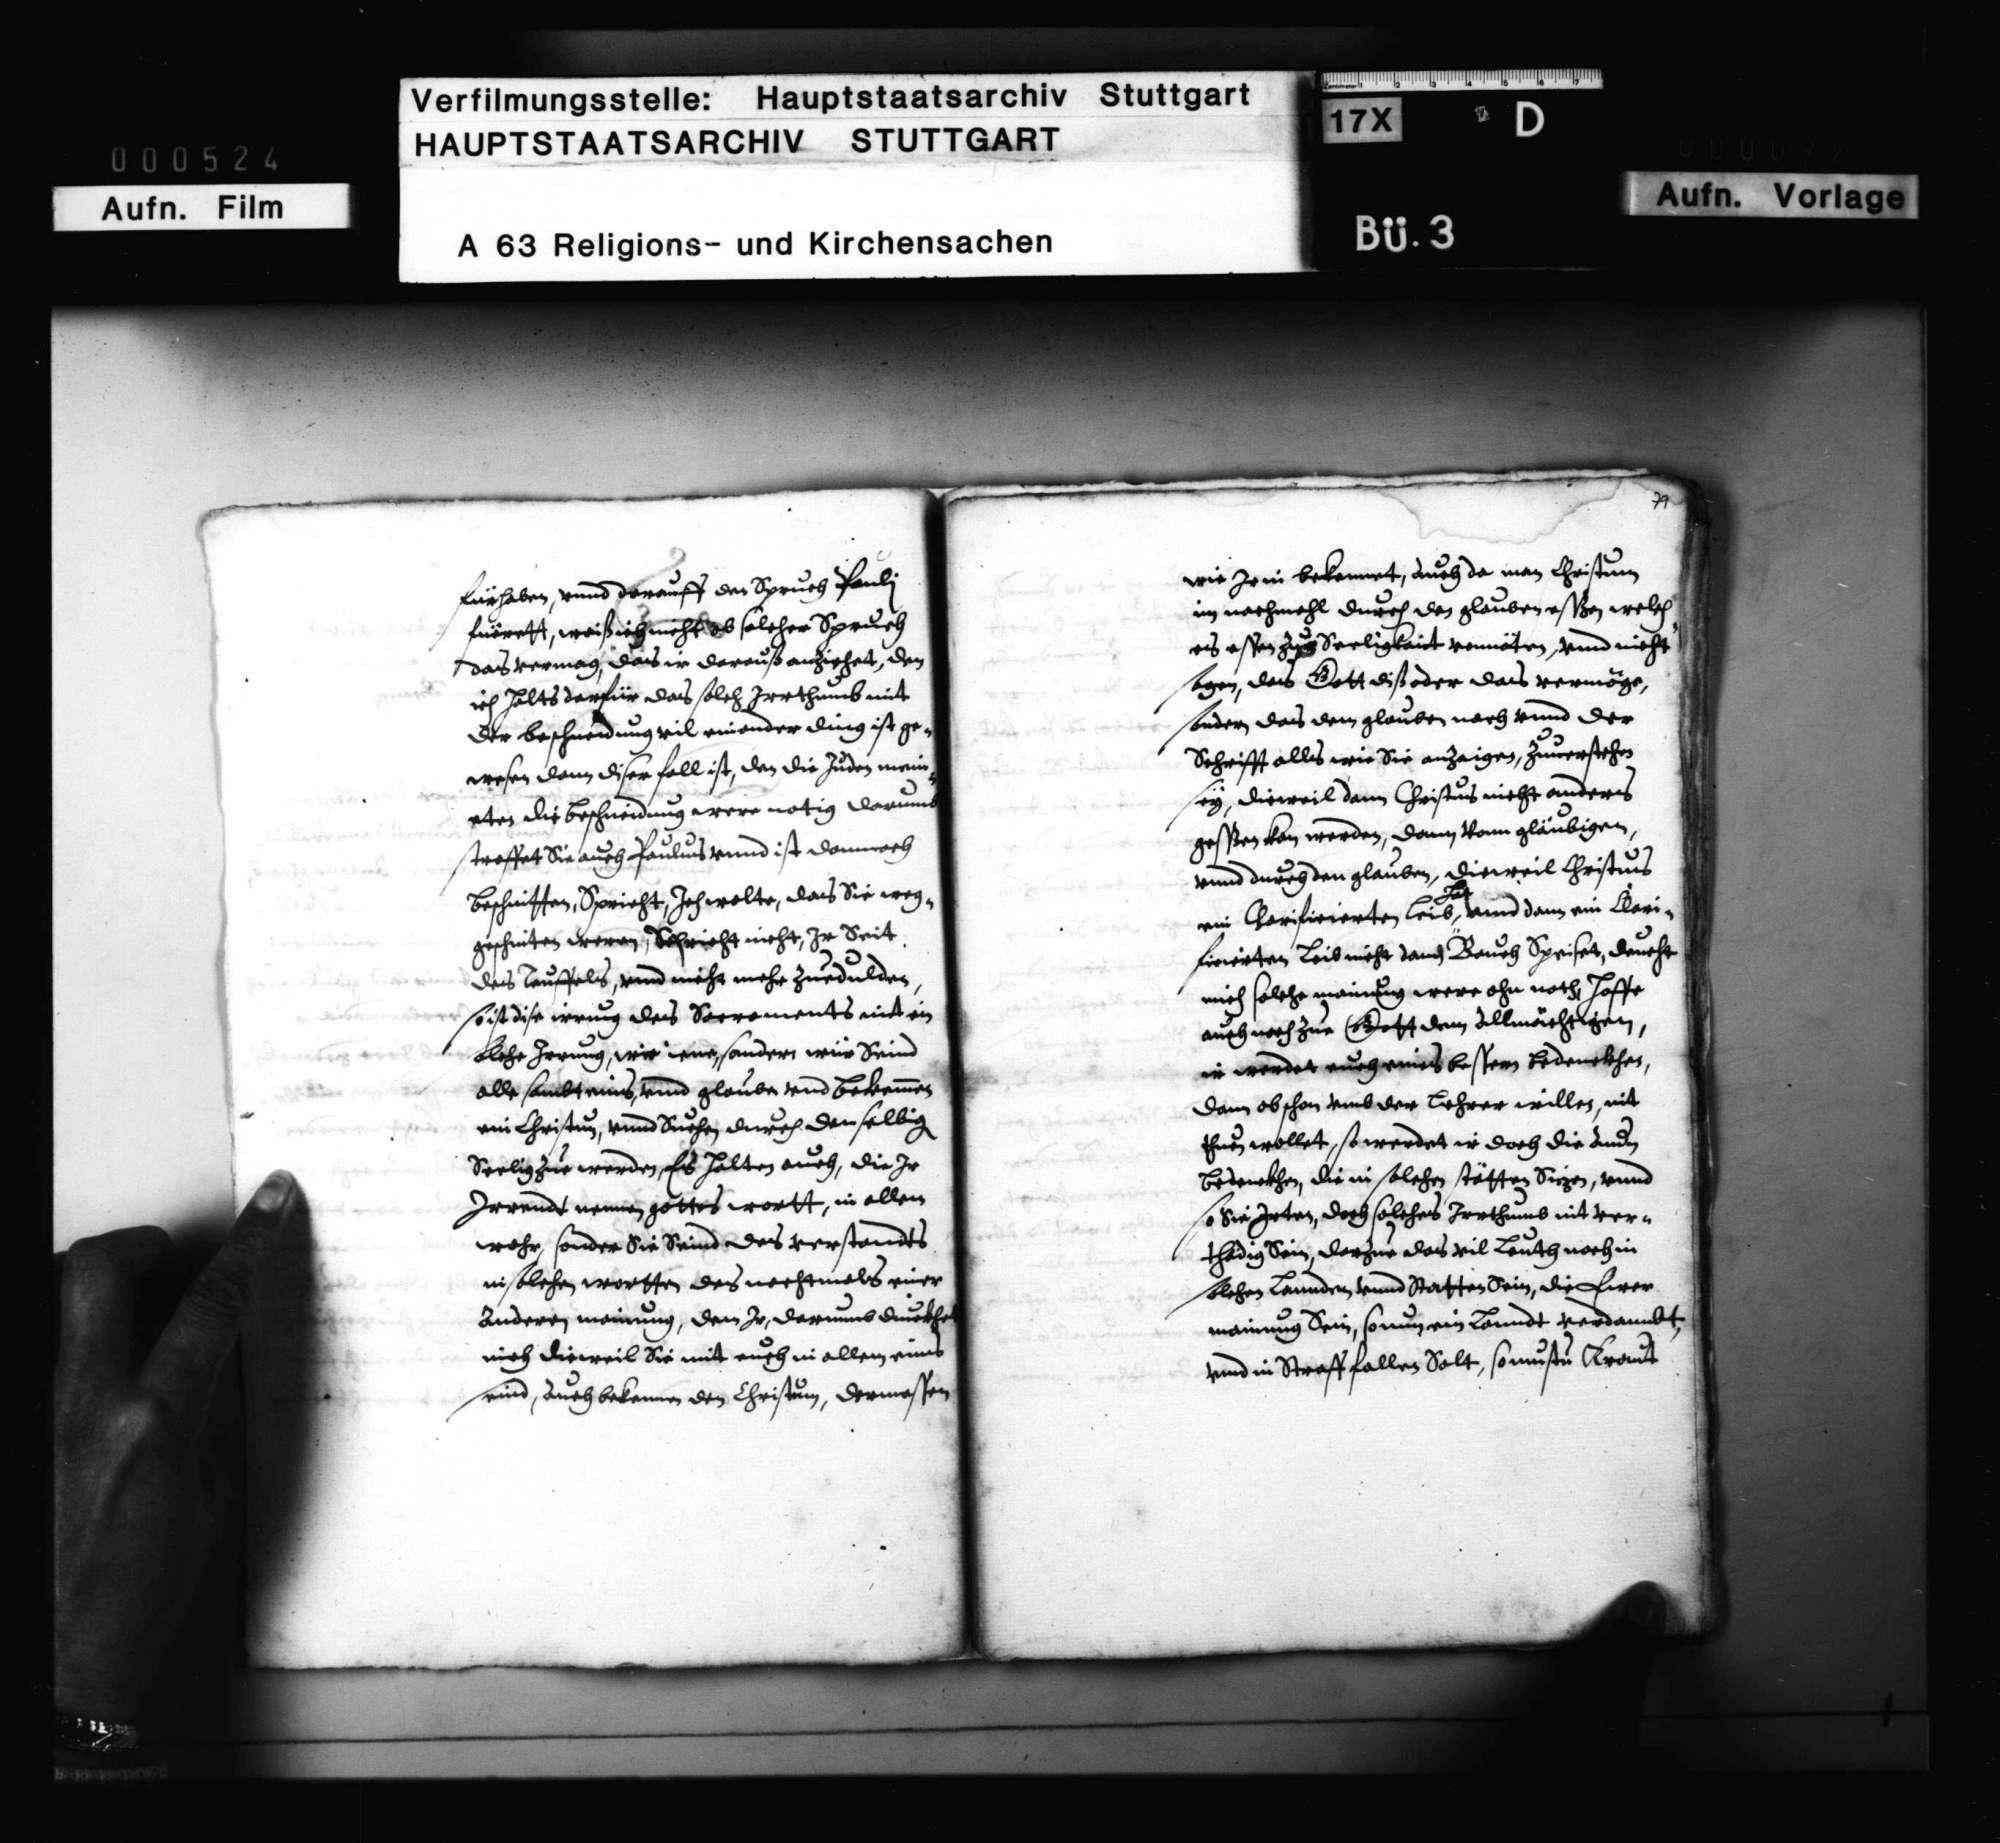 Briefwechsel zwischen Melanchthon, Brenz, Philipp von Hessen, betreffend die Union von Lutheranern und Reformierten, Bild 3